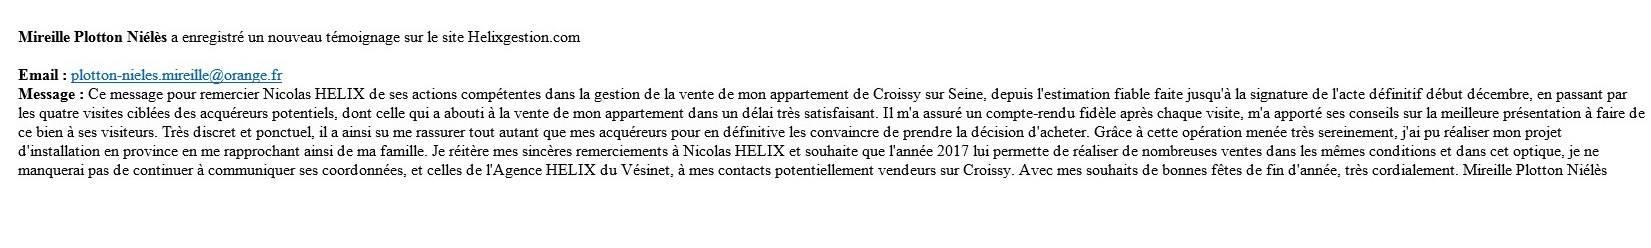 Ce message pour remercier Nicolas HELIX de ses actions compétentes dans la gestion de la vente de mon appartement